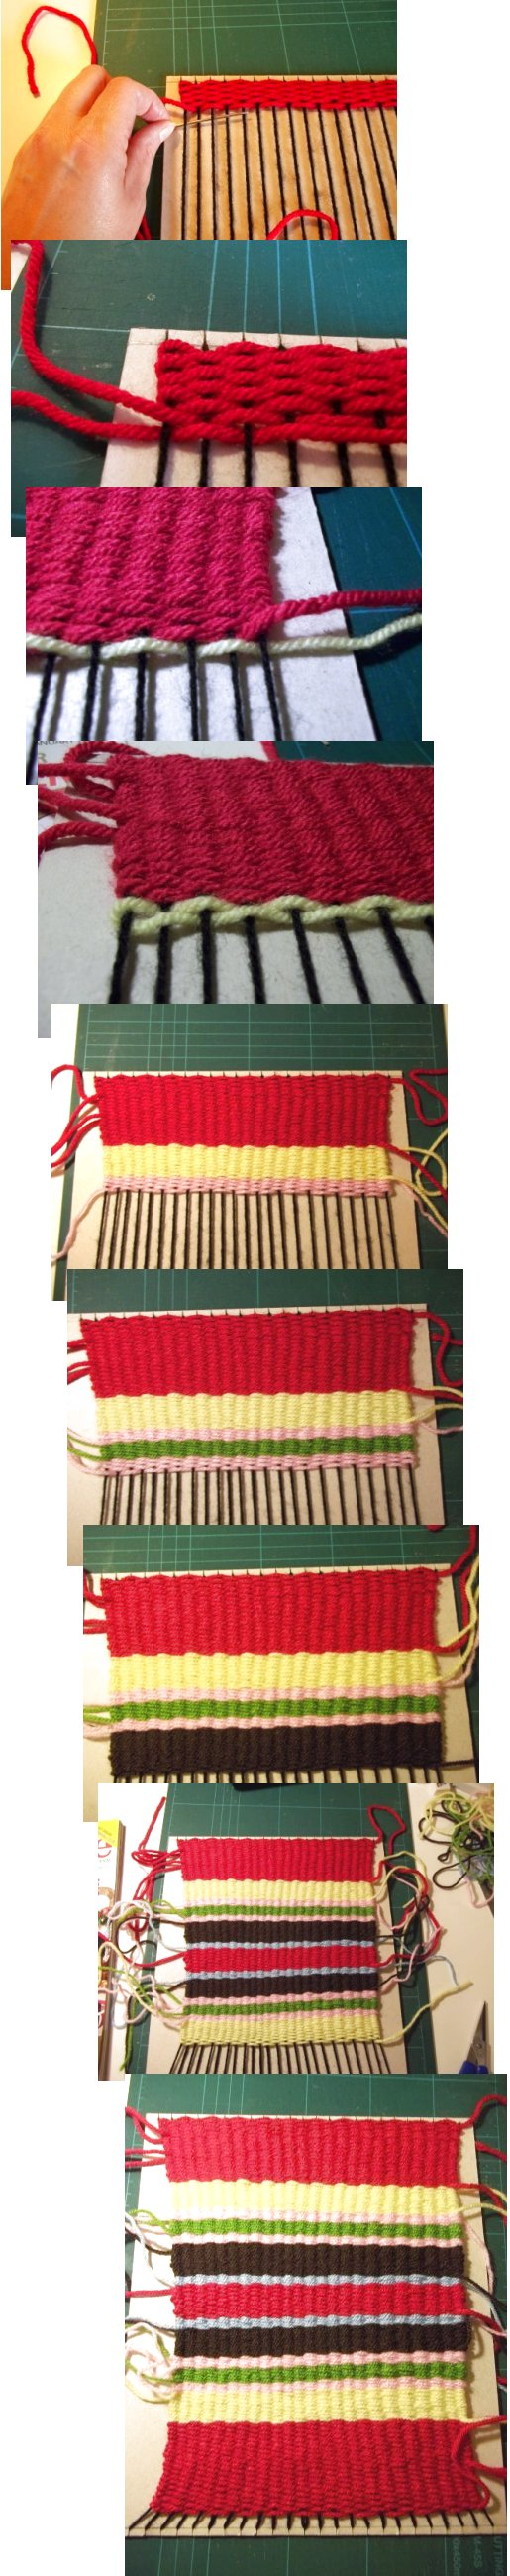 Tejido en telar de fabricación casera sencilla Basic-weaving-with-a-homemade-loom-step8